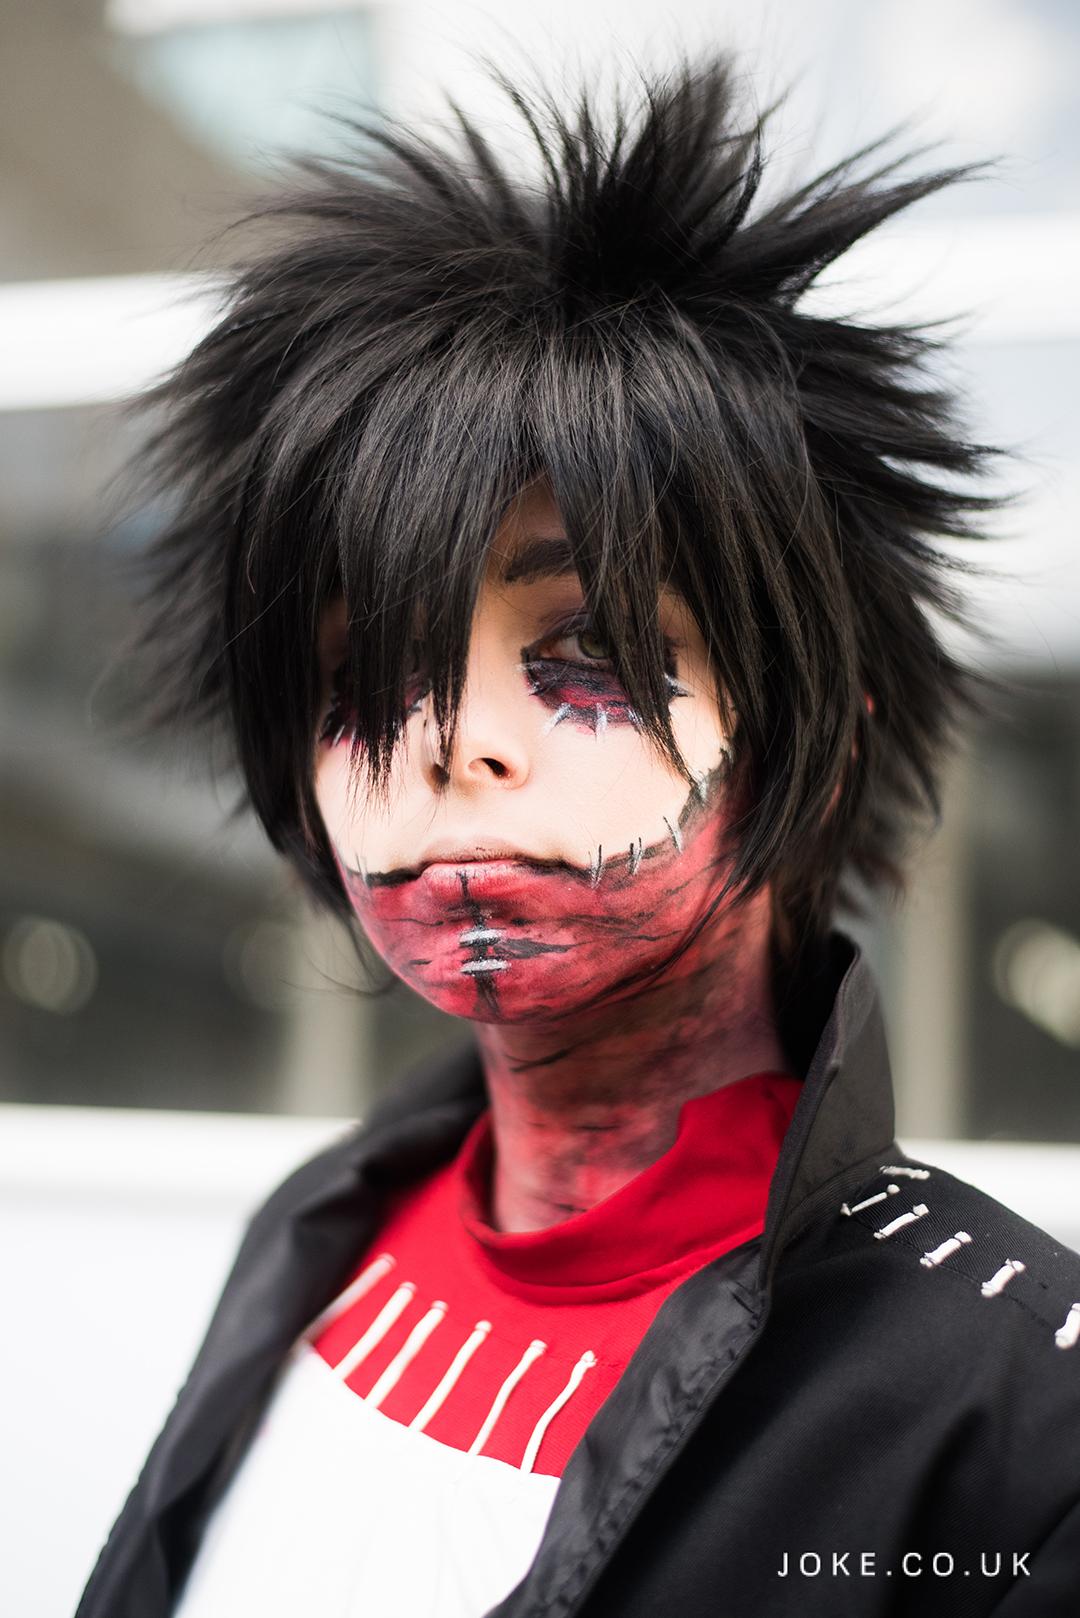 Khama as Dabi from Boku No Hero Academia at London Anime & Gaming Con